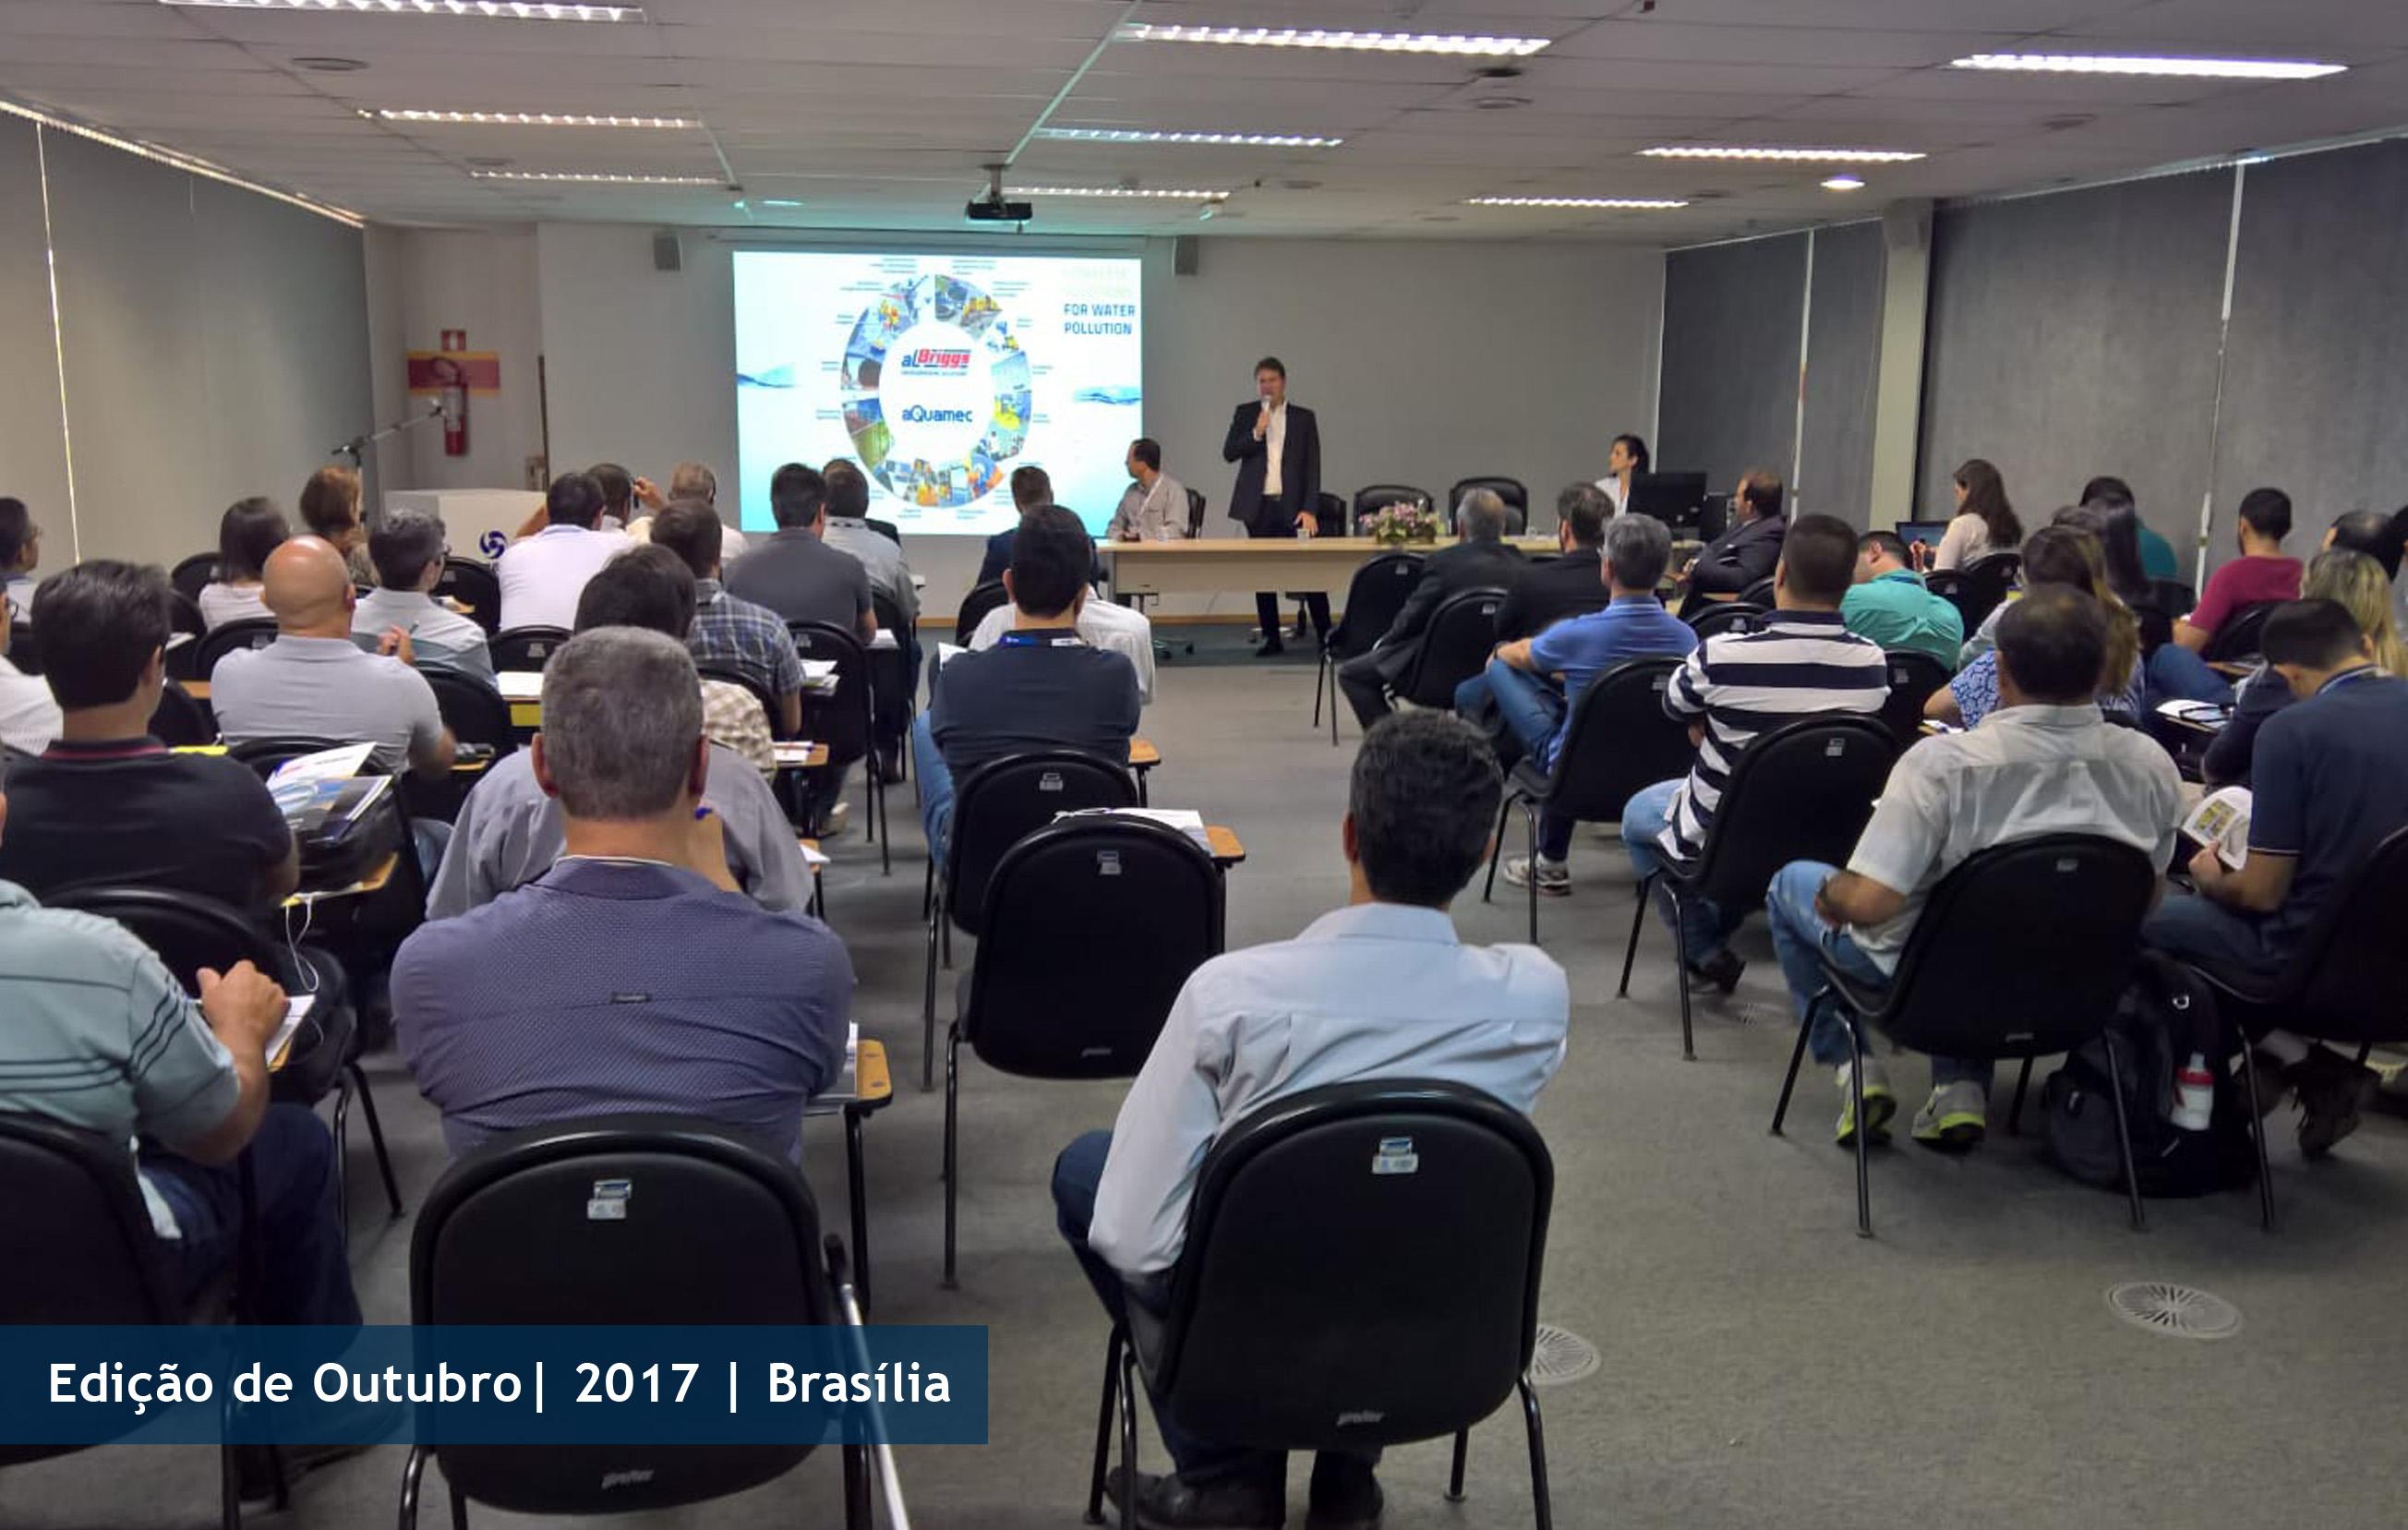 Edição de Outubro   Brasília   2017